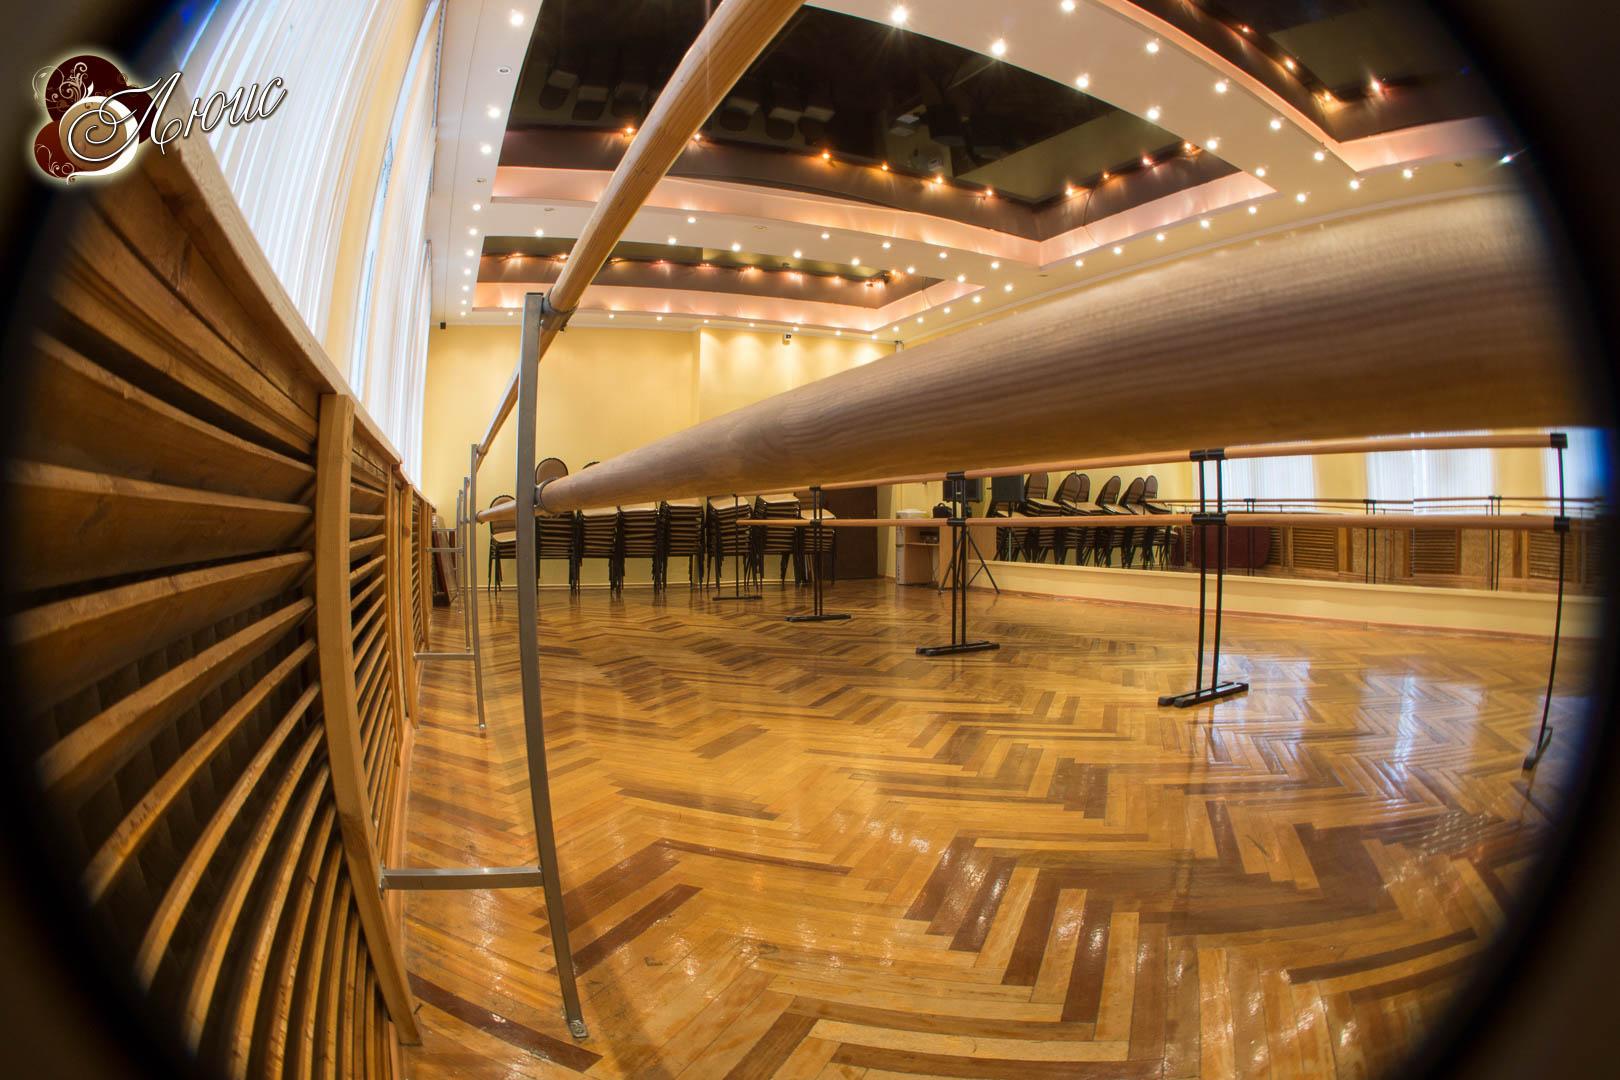 Золотой зал студии ЛЮИС идеален для танцев и хореографии